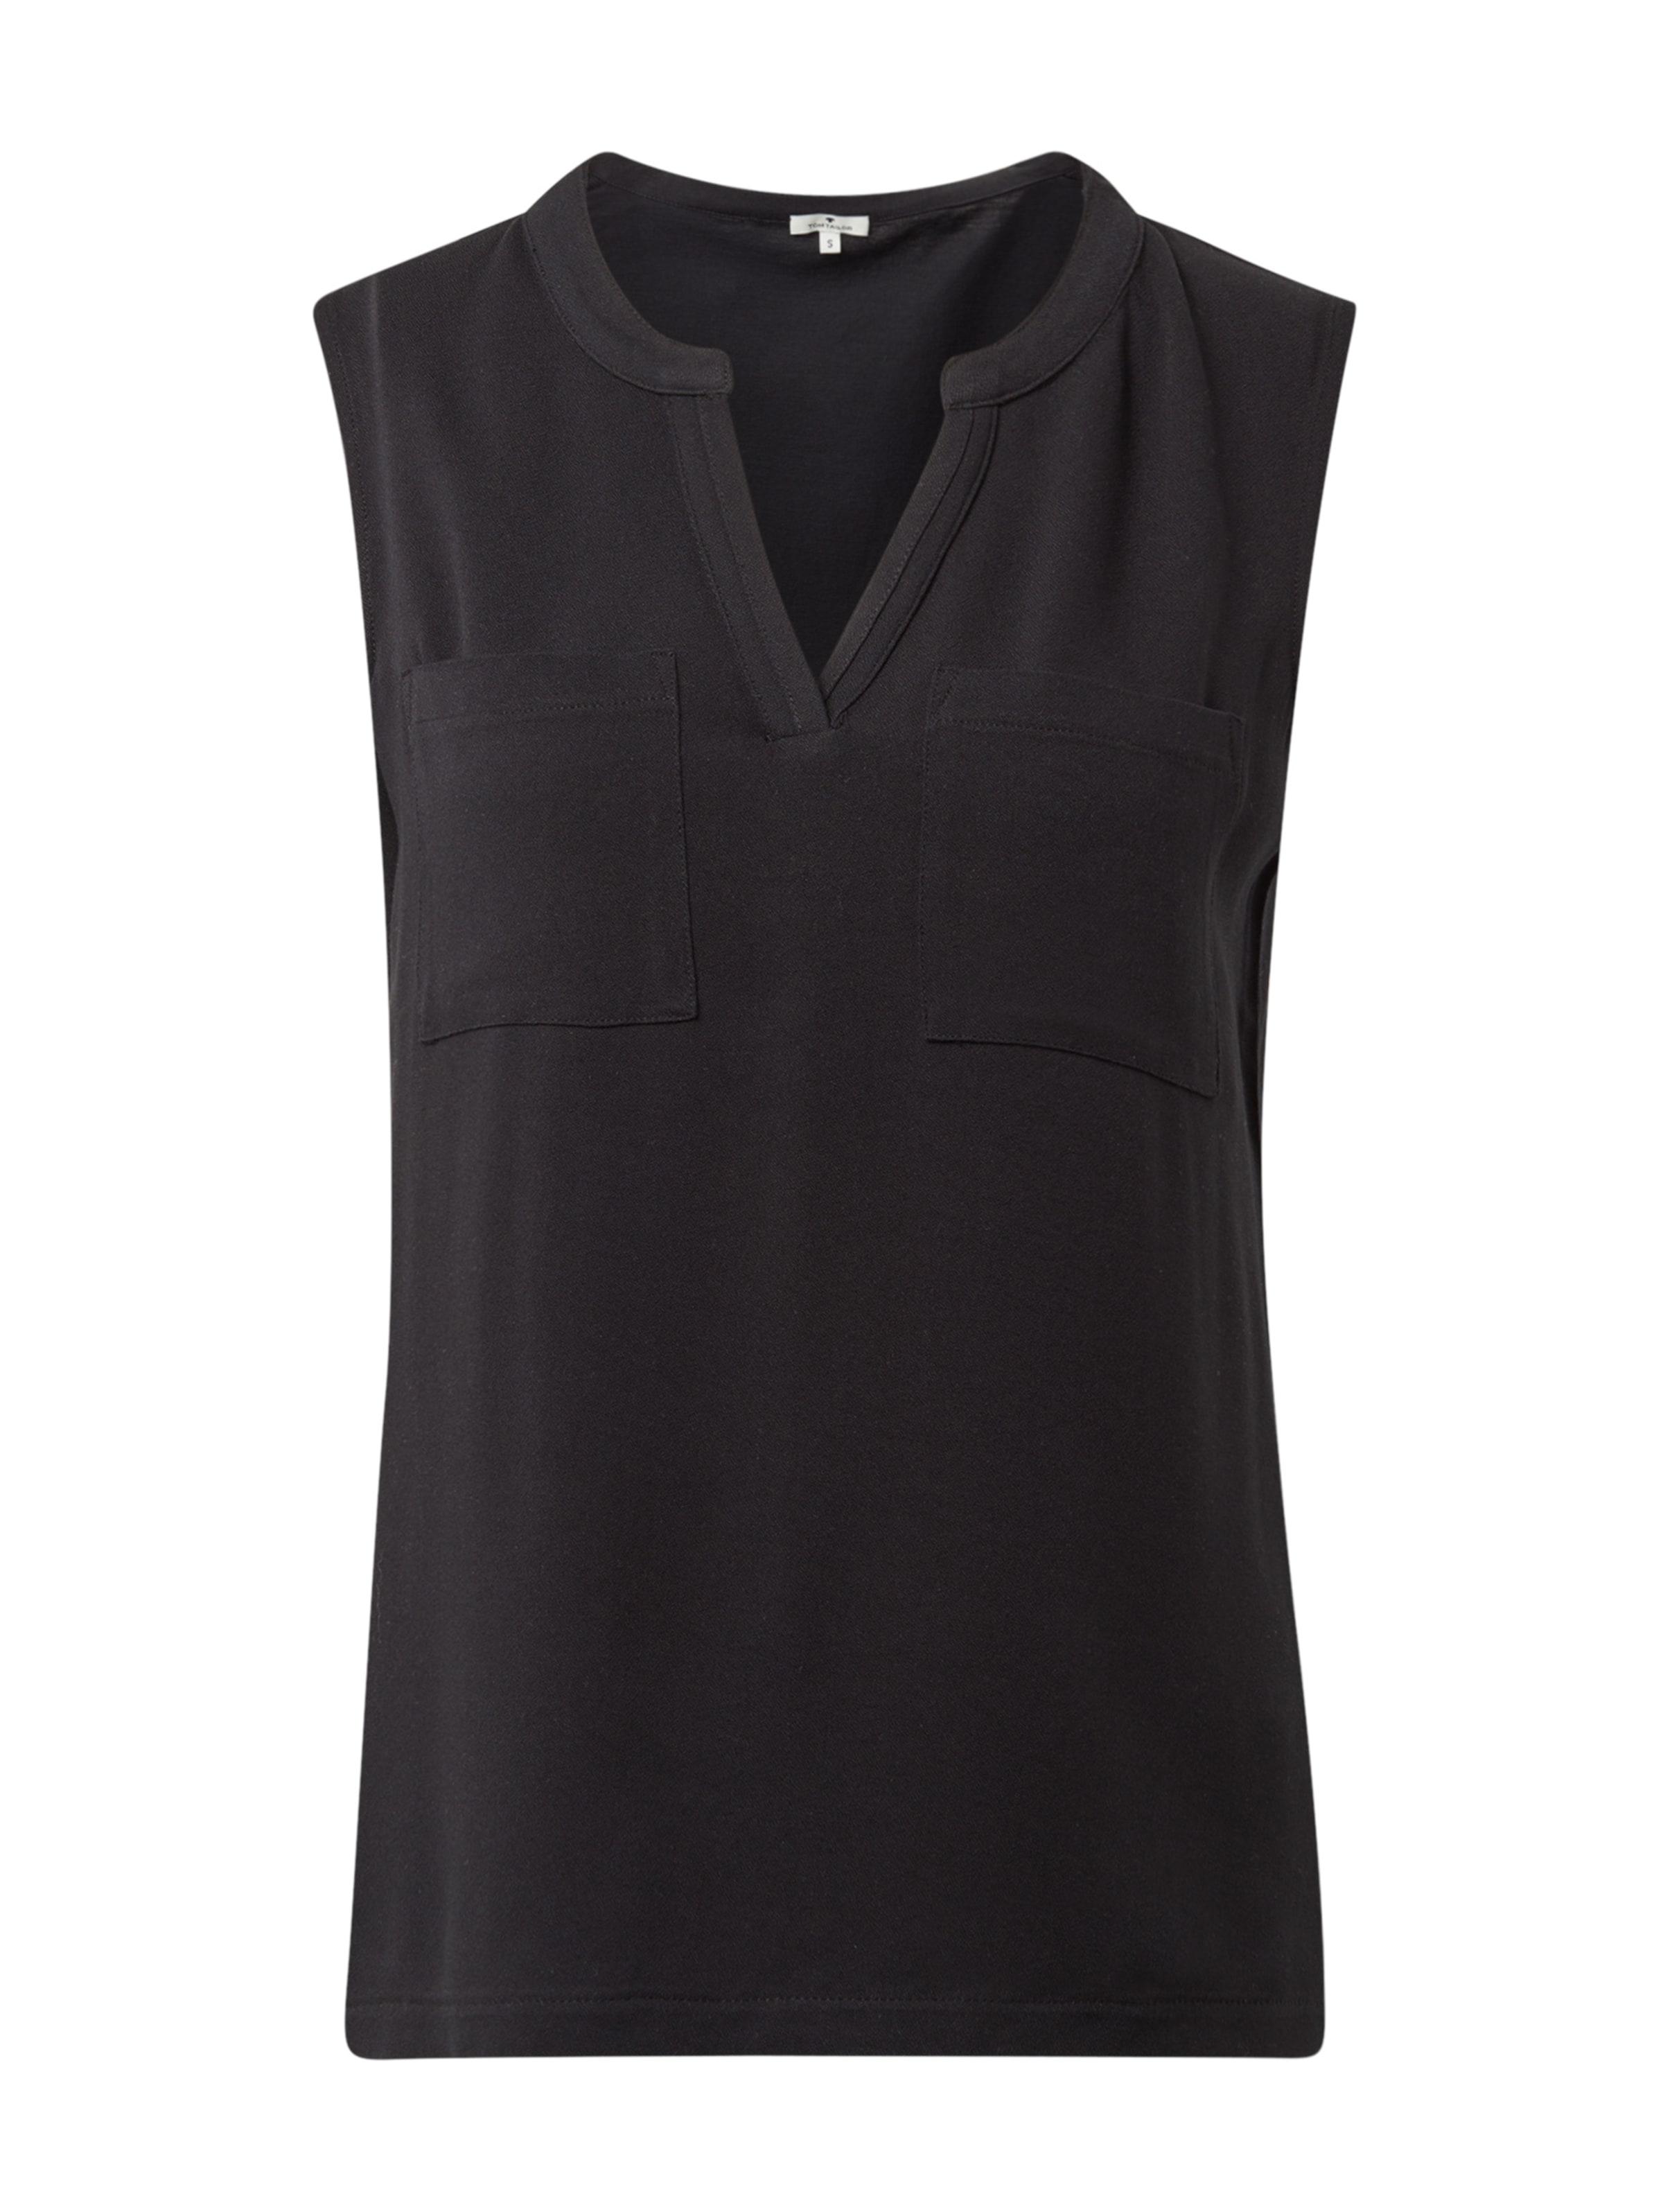 Mit In Top Tom T Taschen shirt Tailor Schwarz bY7yf6gIv